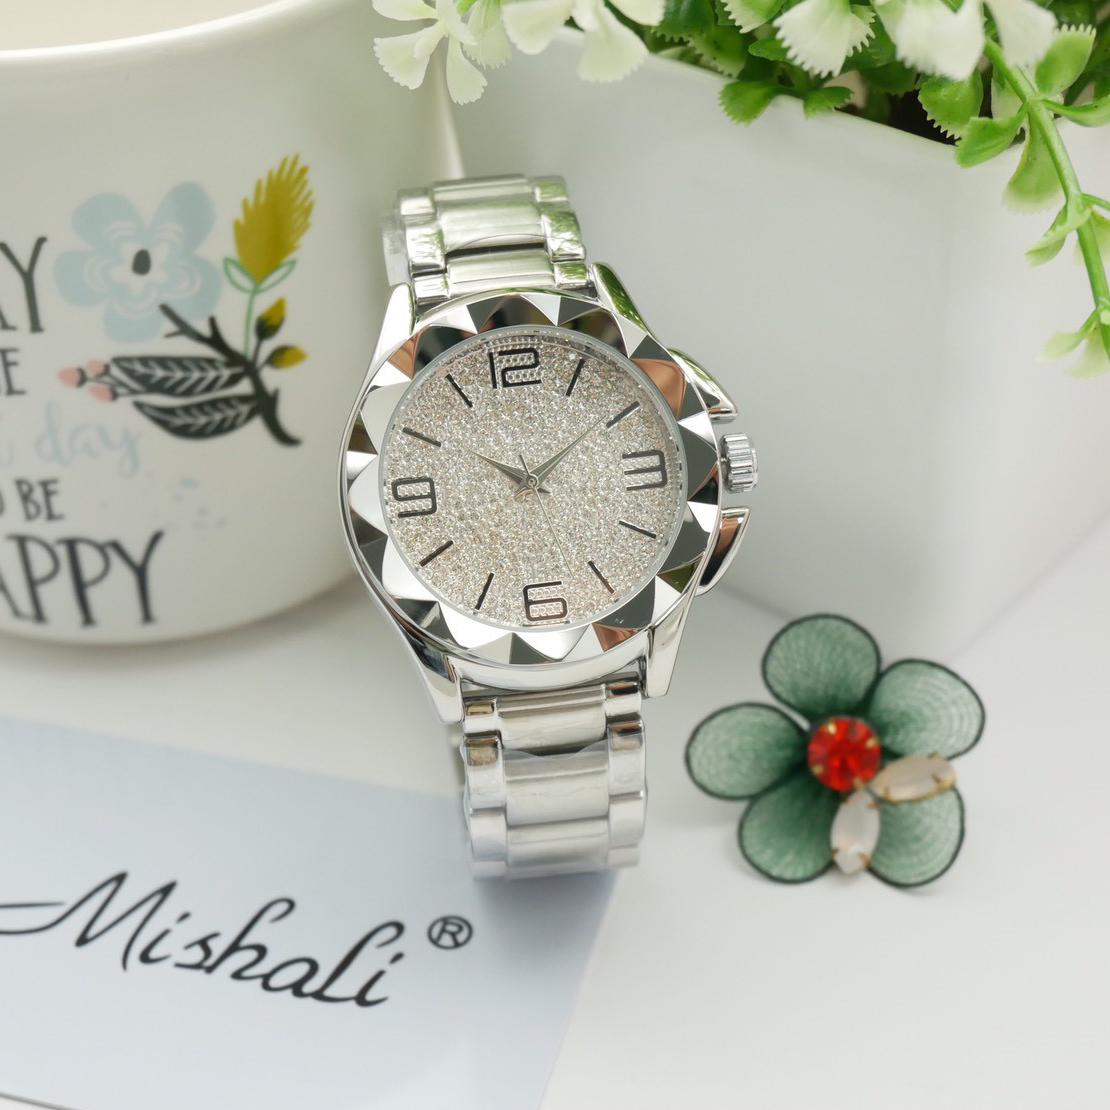 นาฬิกาข้อมือผู้หญิง MISHALI M13970A A